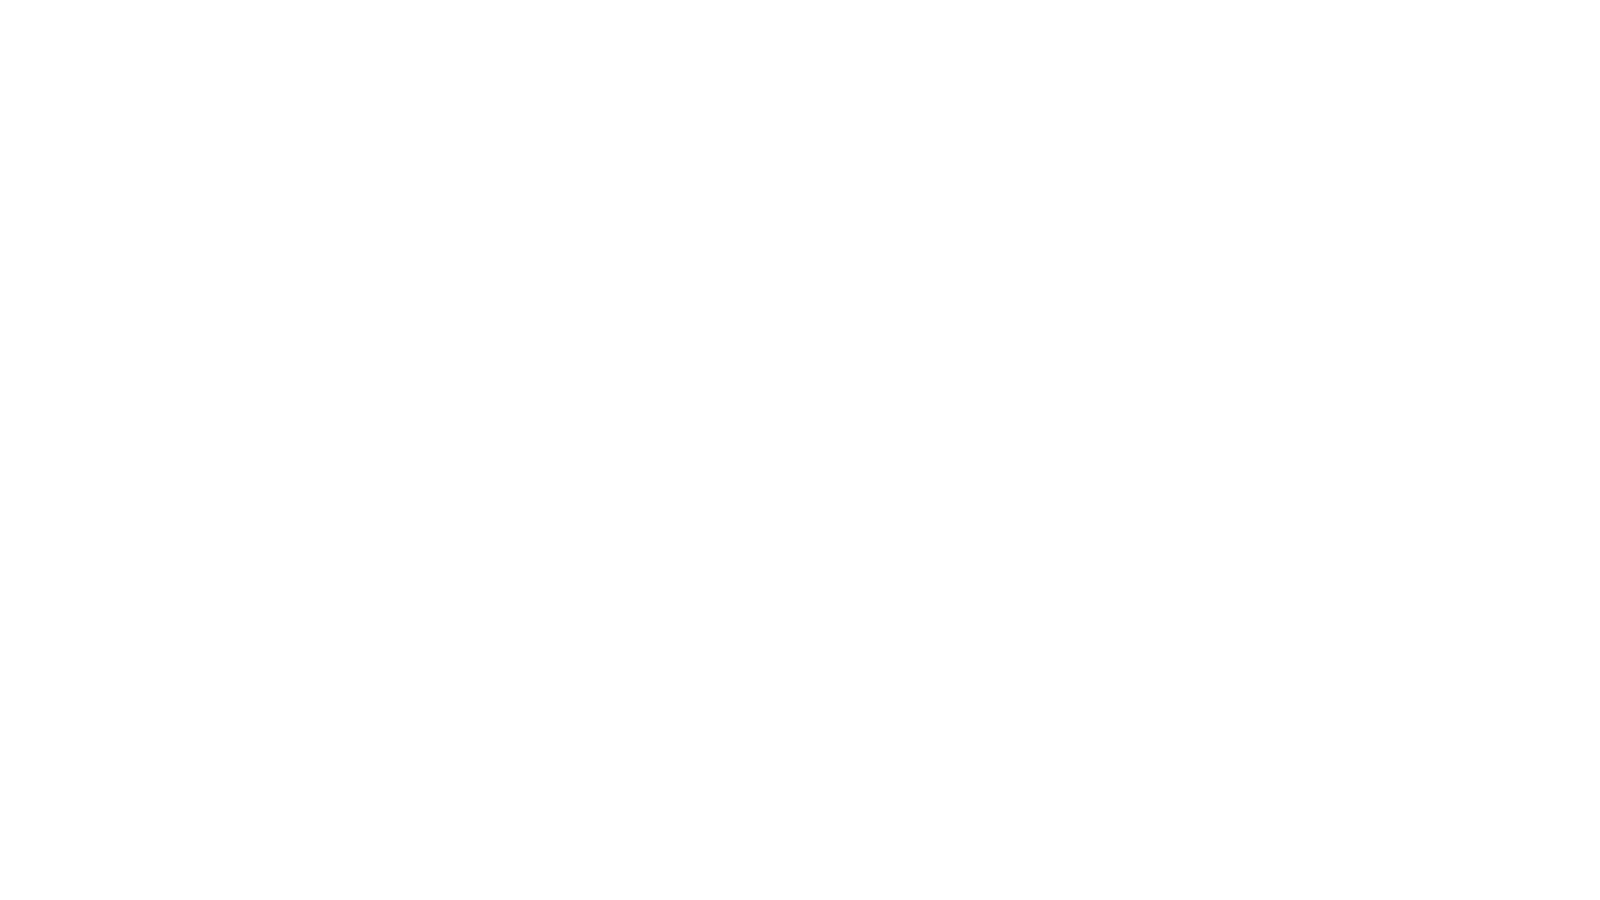 Buk lesní (Fagus sylvatica), hraniční strom, který kdysi tvořil hranici pozemku proboštství ostrovských benediktinů Kalvín-Teslín, byl vroce 1981 vyhlášen památným stromem. Vté době byl vysoký 16 metrů, obvod kmene byl 602 cm ajeho stáří činilo 300 let.  Krátký mohutný kmen se ve výšce 2,5 metrů vějířovitě větví, část koruny se vylomila astrom již pomalu dožívá. Nabuku můžeme spatřit jednu přírodní zajímavost. Jedna zvětví, která se vrací zpět dokmene, vytváří působivé oko.To jsou informace zmapy Arniky Významné apamátné stromy středních Čech aPrahy zroku 2009. Vknize Průvodce Brdy opět otevřené se ještě můžeme dočíst, že buk stojí nahranicích bývalého rožmitálského aspálenopoříčského panství, které jsou idnes hranicemi Plzeňského aStředočeského kraje.  Tento bohatě rozvětvený dvoják byl však napaden dřevokaznými houbami, boční kmen poškodil zásah blesku, zbytek vylomila vichřice. Vroce 2011 musel být proto odborně ošetřen. Anyní vroce 2021 naprvní pohled kypí zdravím, koruna se rozkošatěla aokolí zarostlo mladými buky zbukvic tohoto buku. Pouze se odlomila část ztrouchnivělého kmene.  Teslínský buk byl představen iv televizním pořadu Paměť stromů, kde byl označen zanejmohutnější buk Středočeského kraje ajeden zpěti nejmohutnějších buků České republiky.